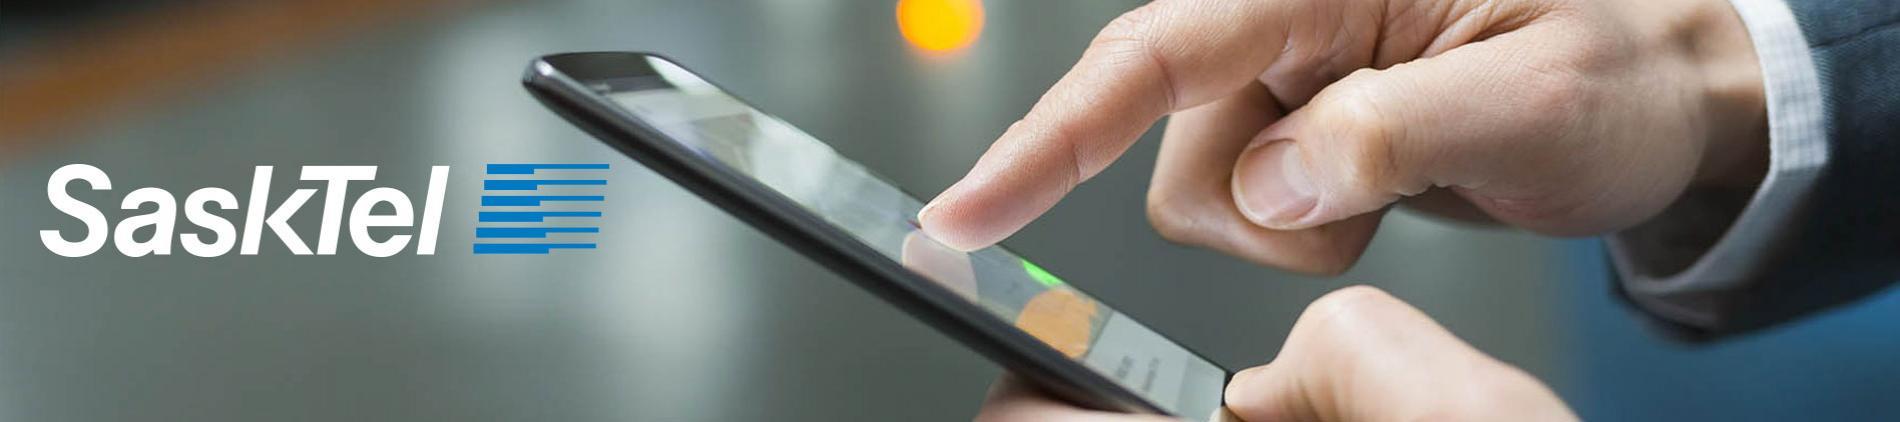 Touchscreen, Touch, Screen,